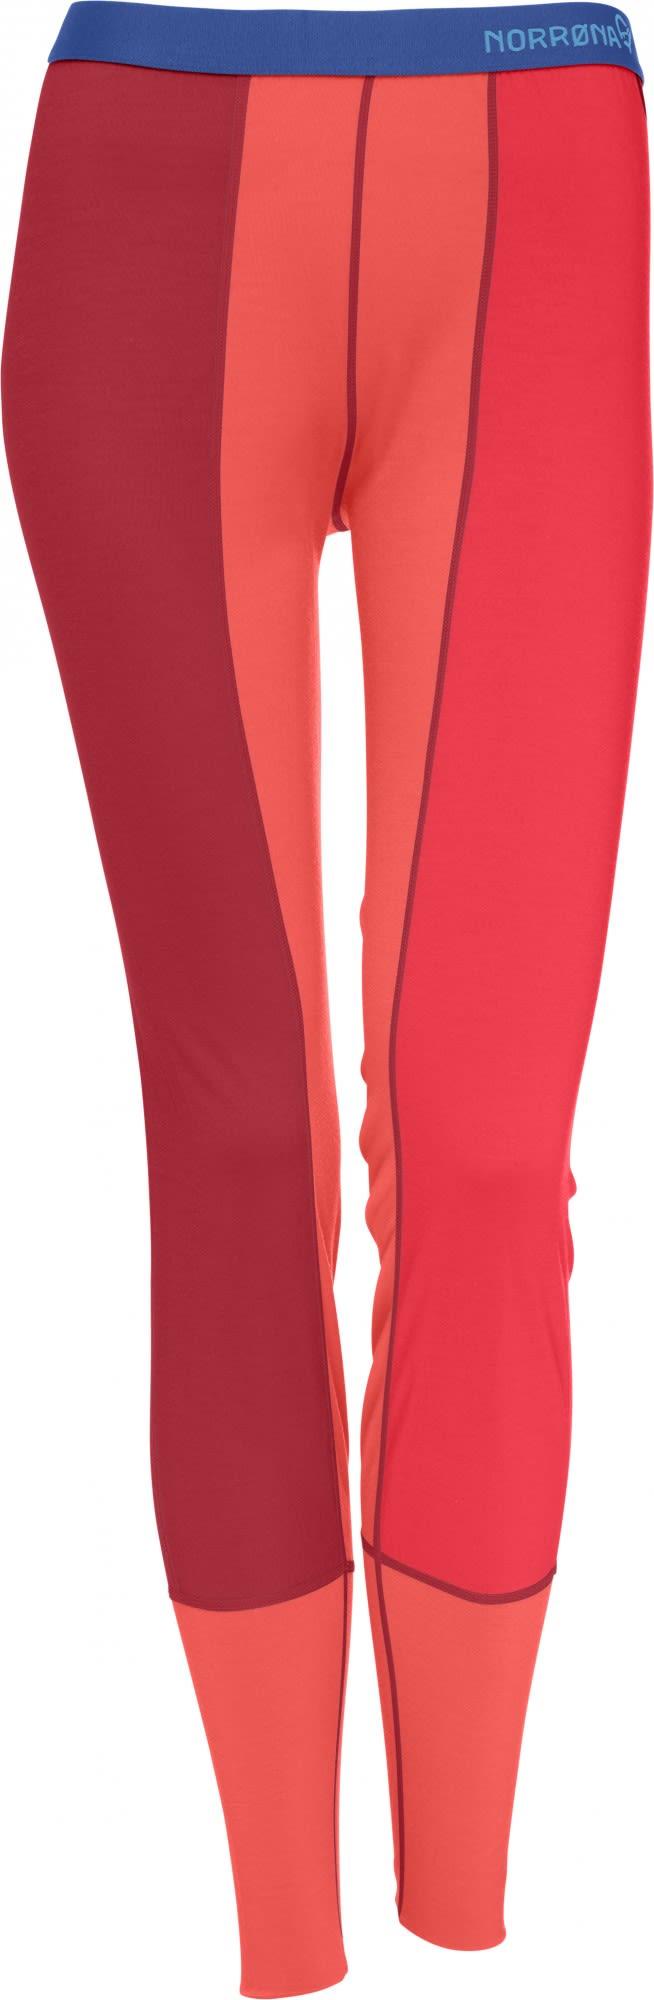 Norrona W Wool Longs | Größe XS,S,M,L,XL | Damen Unterwäsche